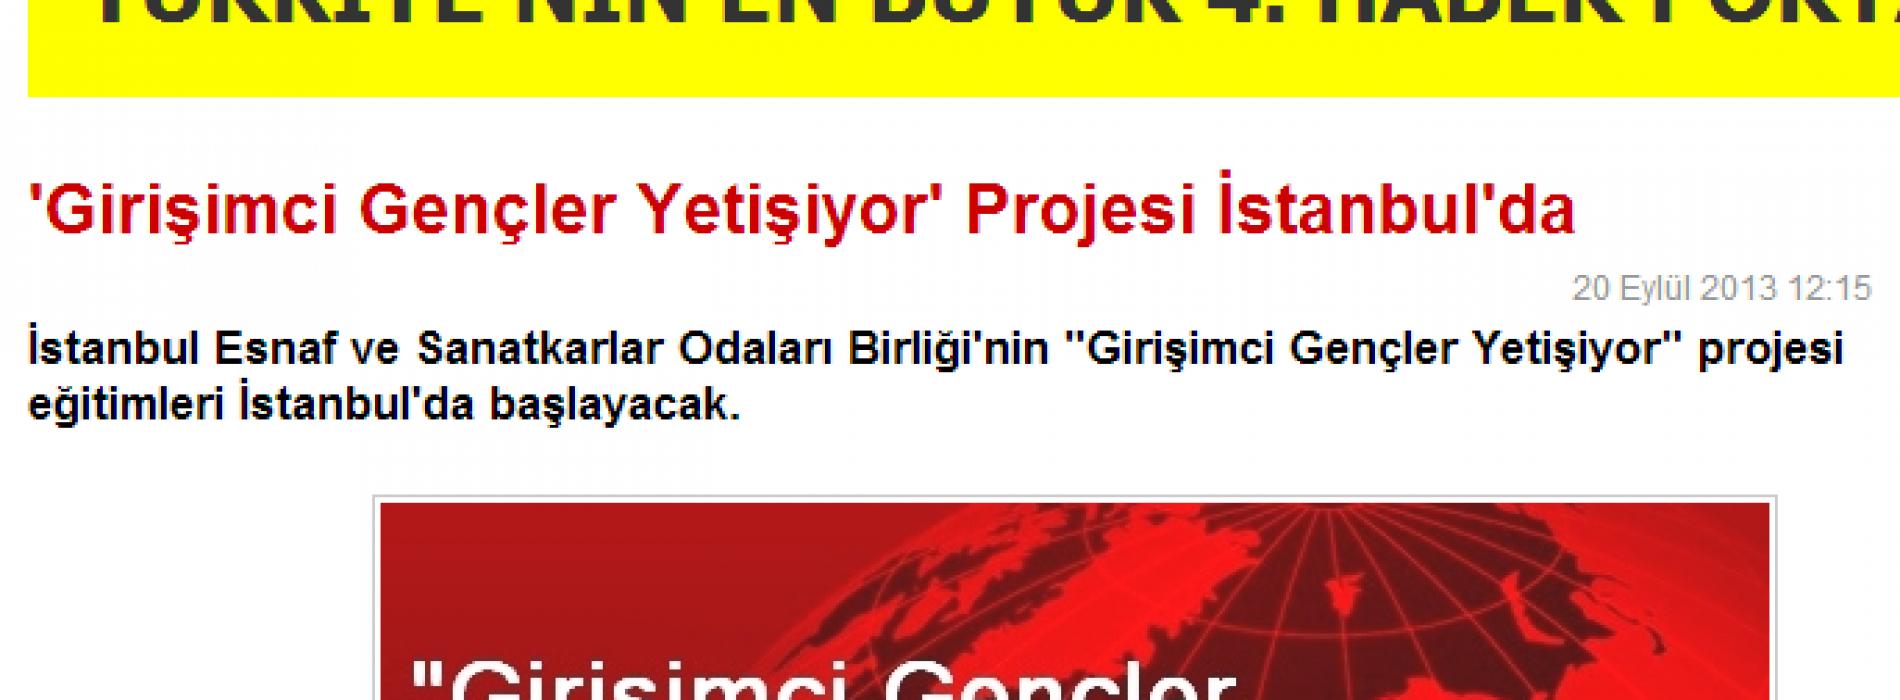 Haberler.com – 'Girişimci Gençler Yetişiyor' Projesi İstanbul'da